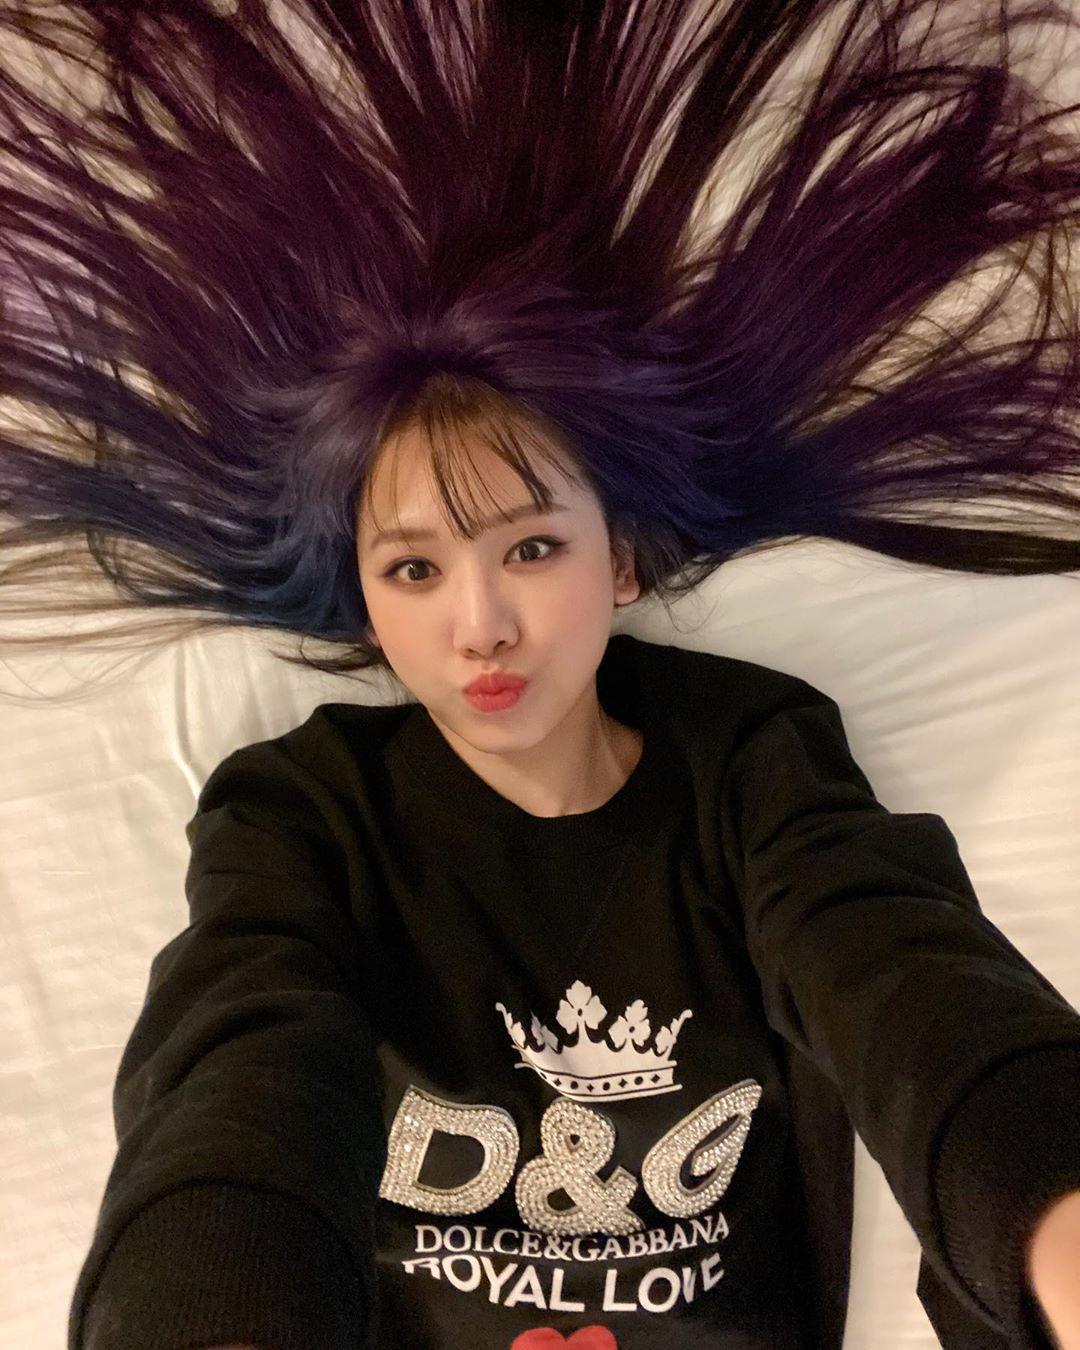 Hơn 30 tuổi đầu, lần đàu tiên trong cuộc đời Hari Won chơi lớn đến mức này: Nhuộm hẳn tóc tím omber chất nhất quả đất luôn - Ảnh 2.